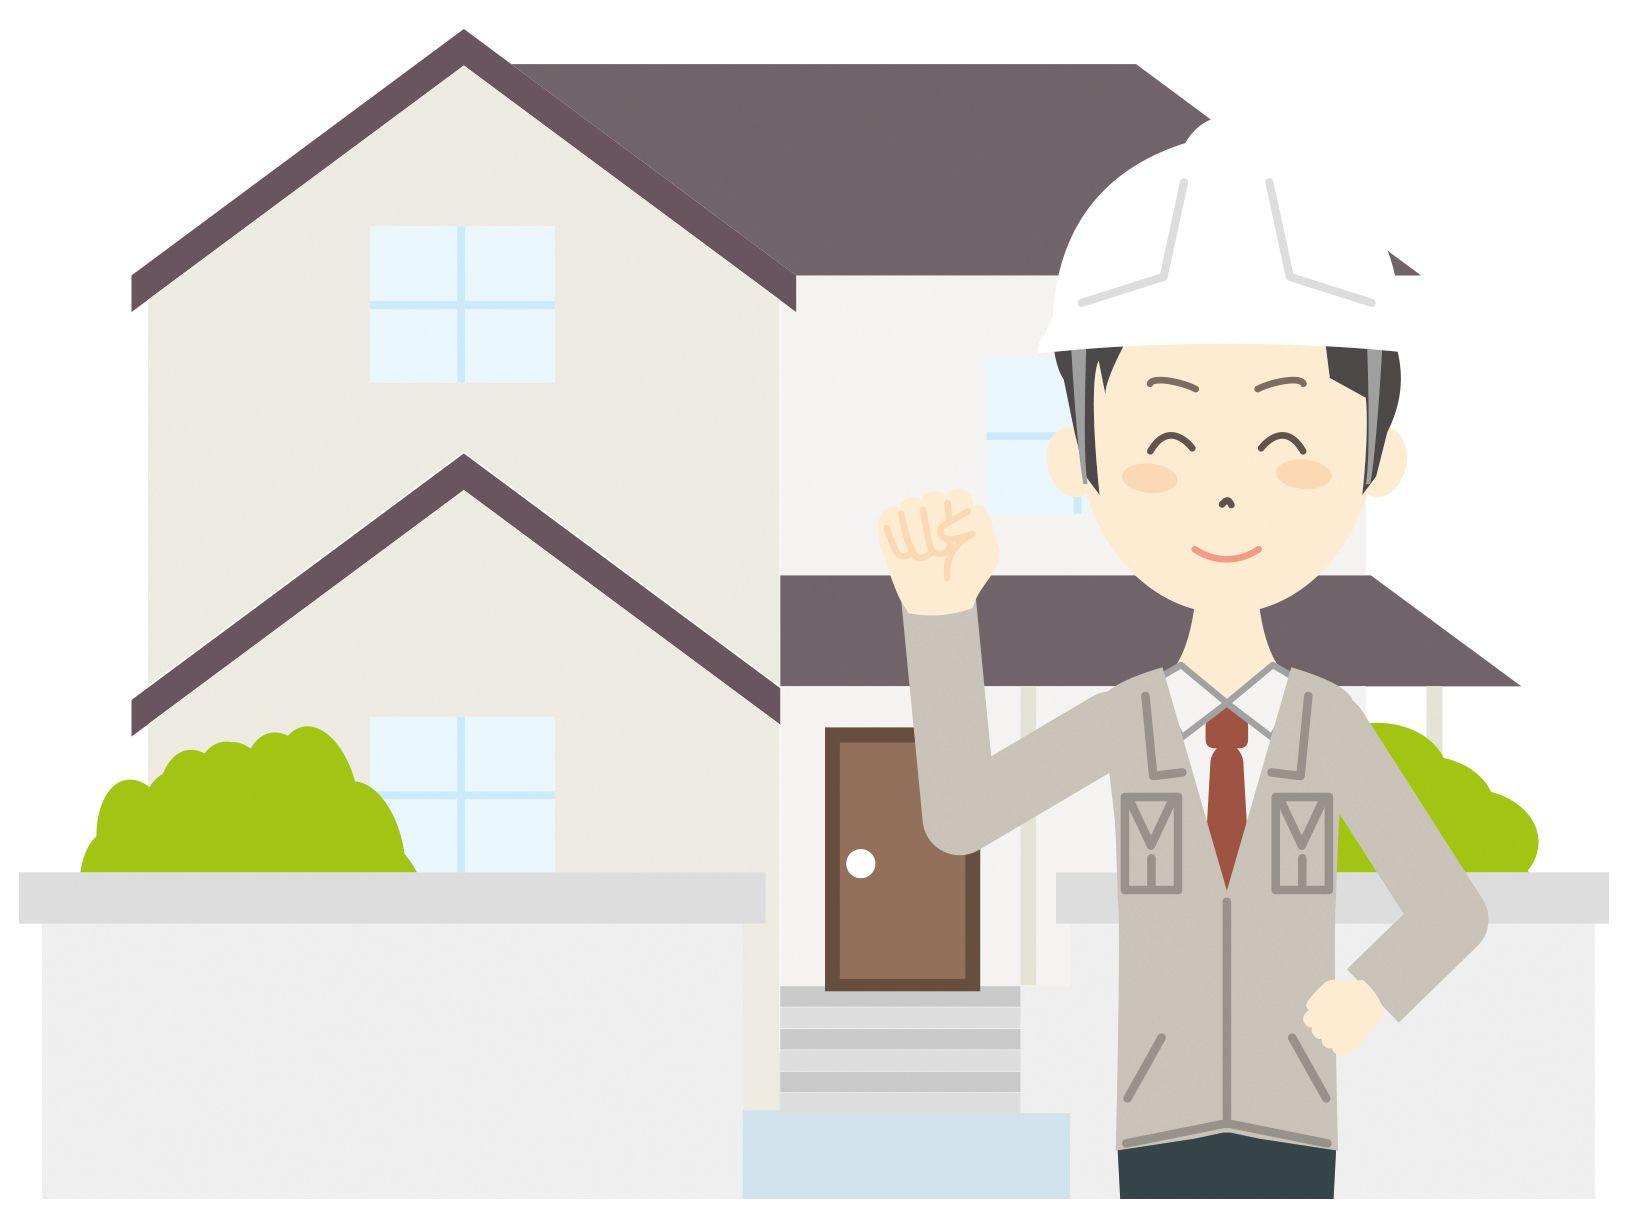 中古住宅売買と住宅インスペクション 建物検査